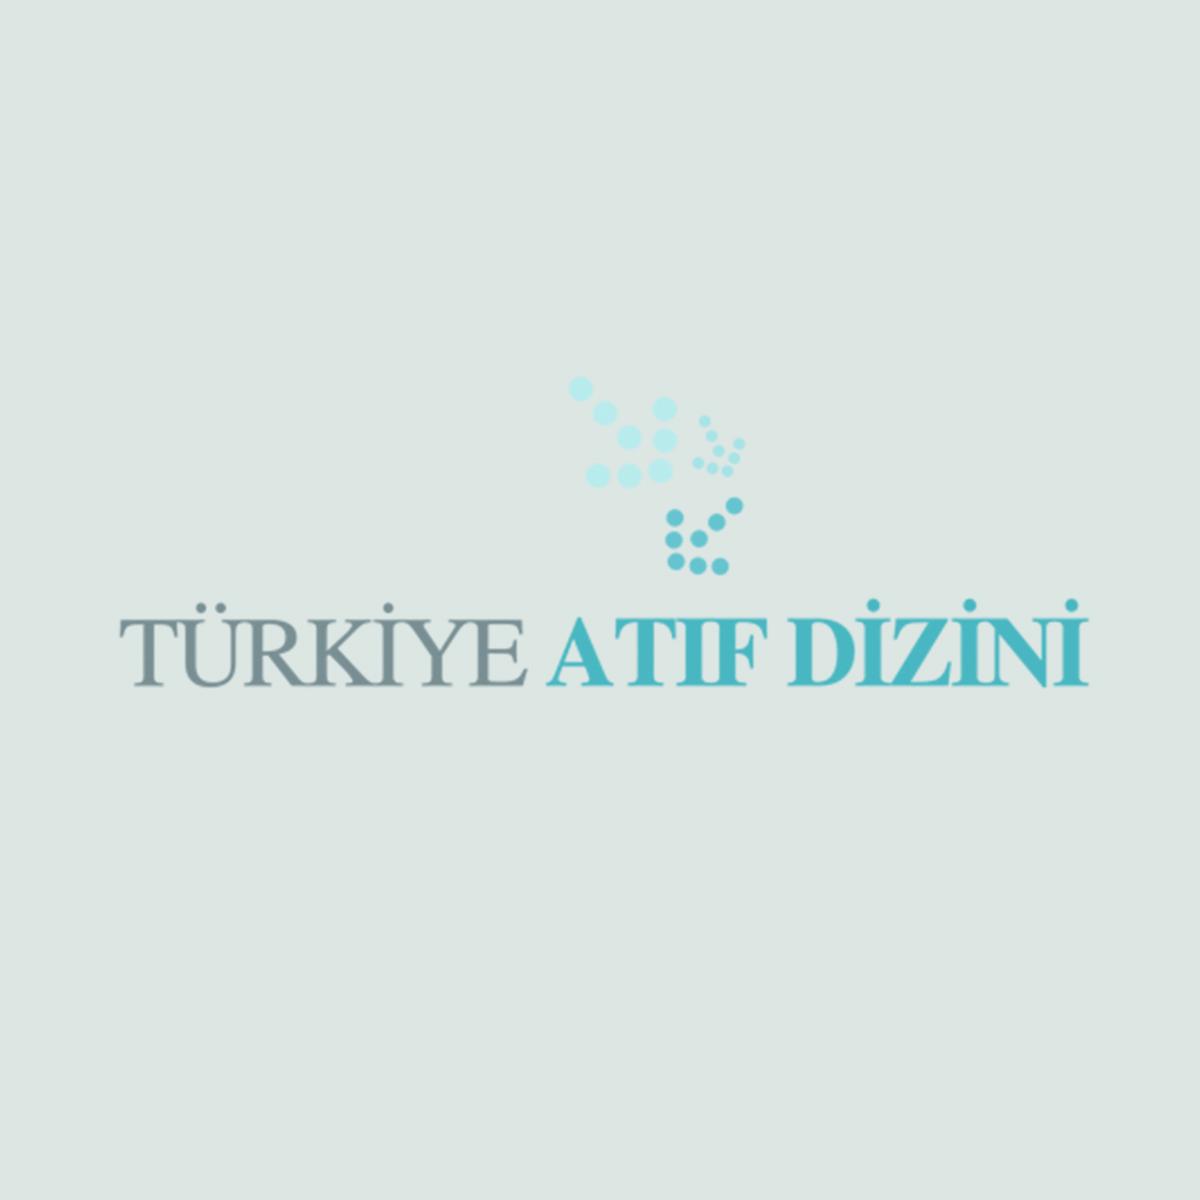 Türkiye Atıf Dizini Nedir? Ne İşe Yarar? Nasıl Kullanılır?